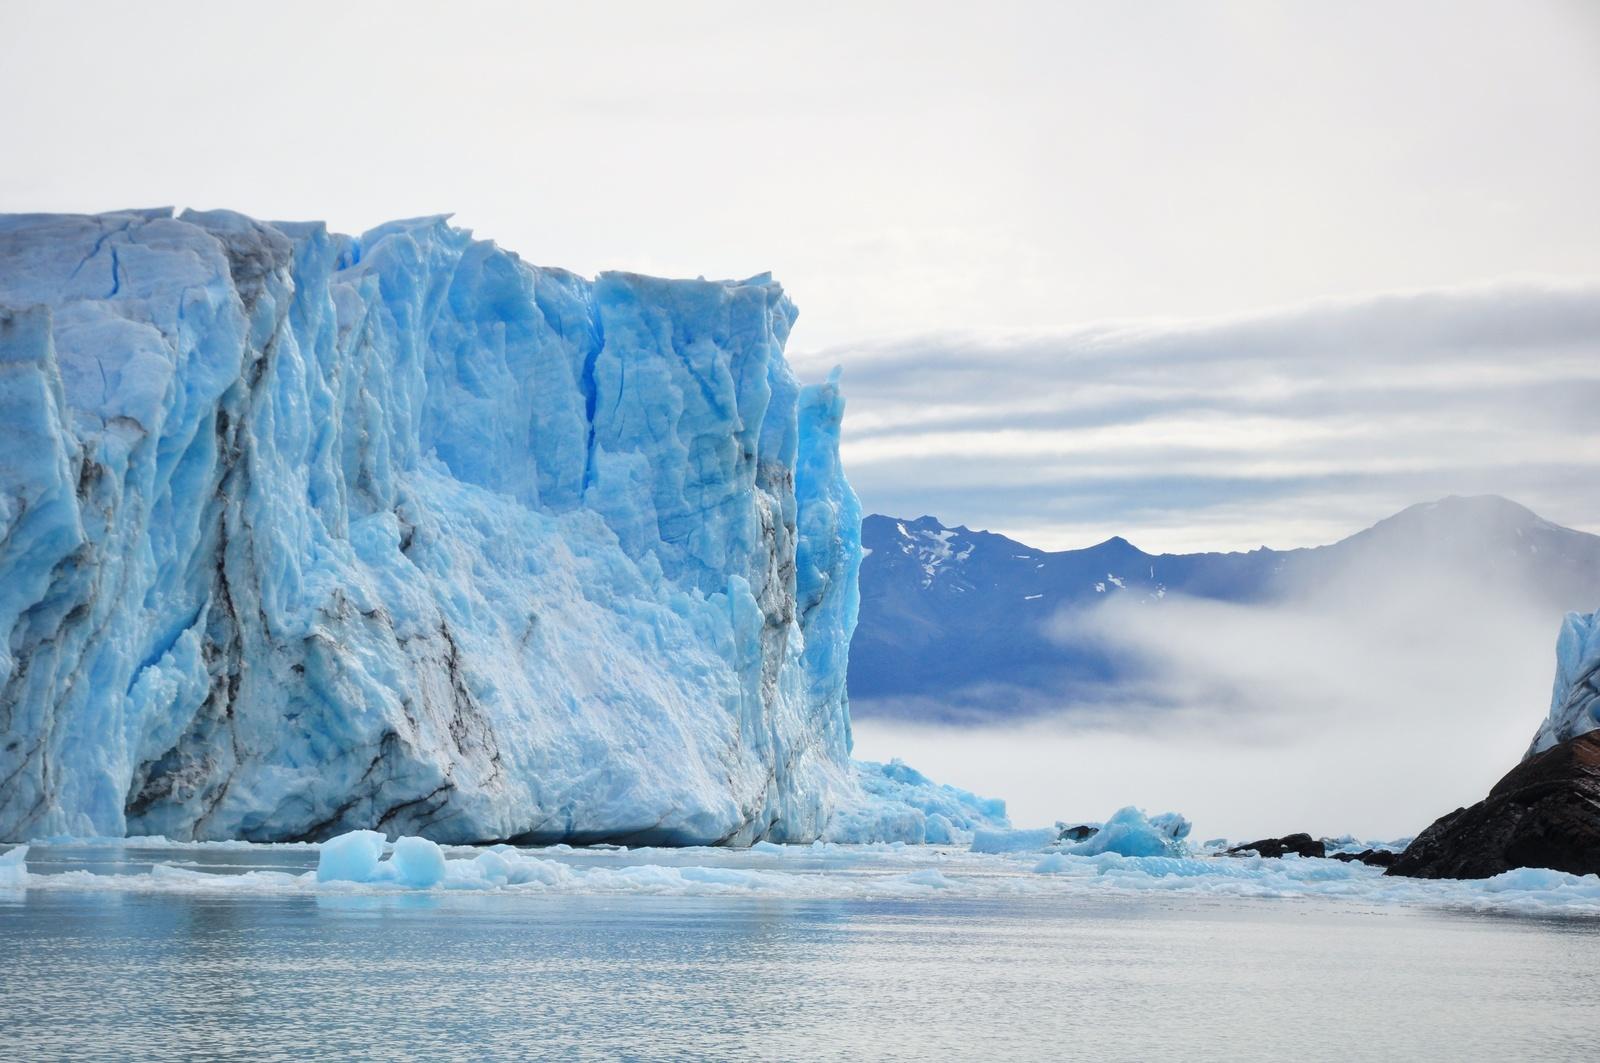 Glacier Perito Moreno Perito Moreno